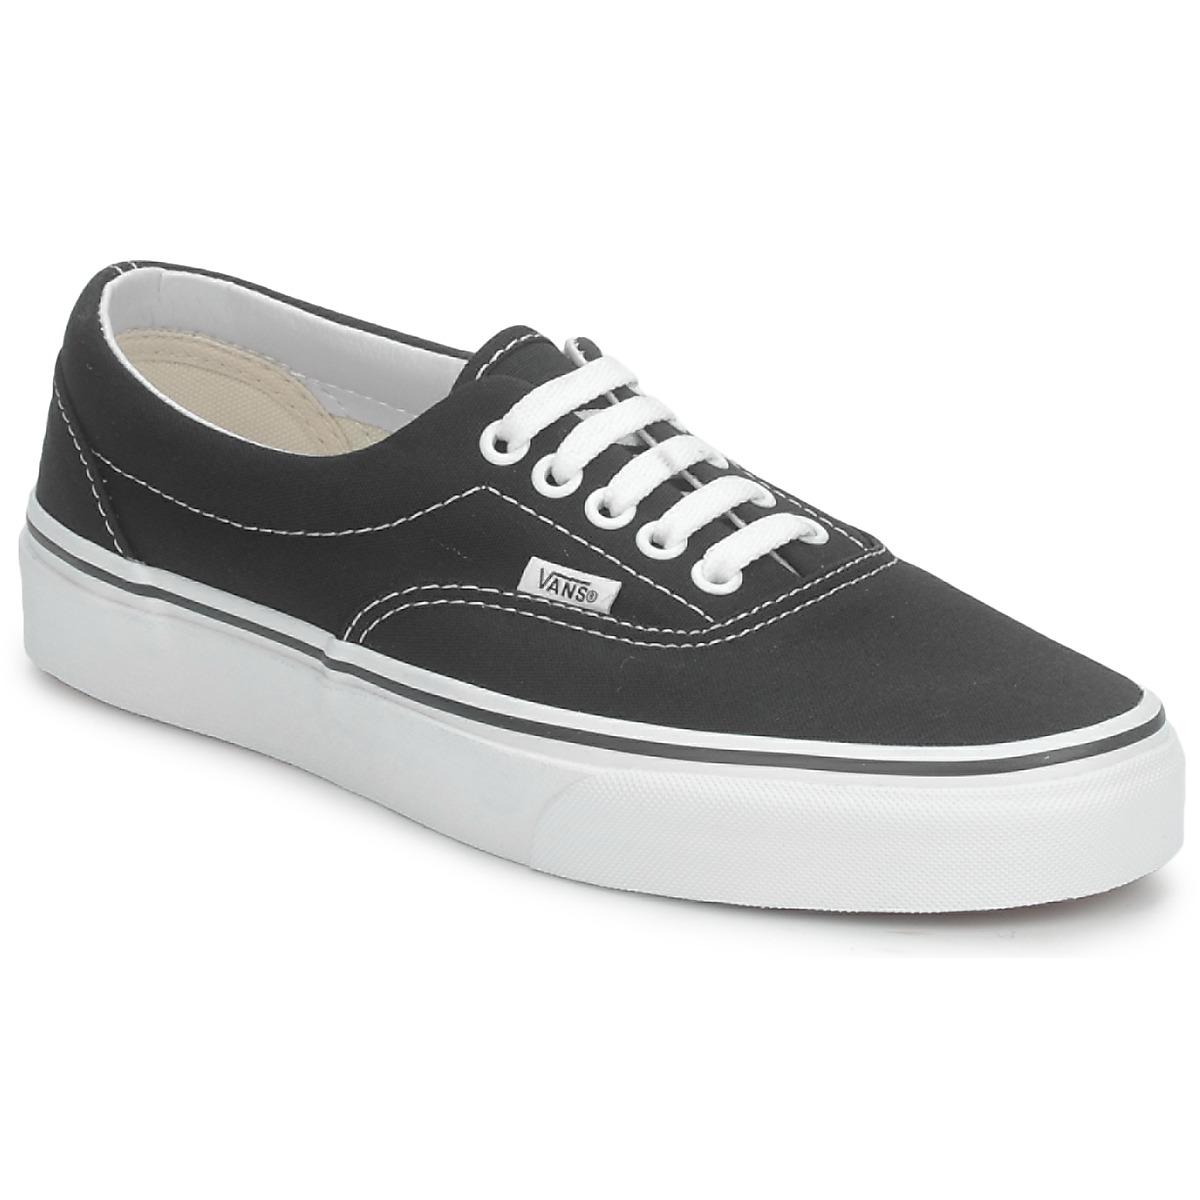 vans donna scarpe estive